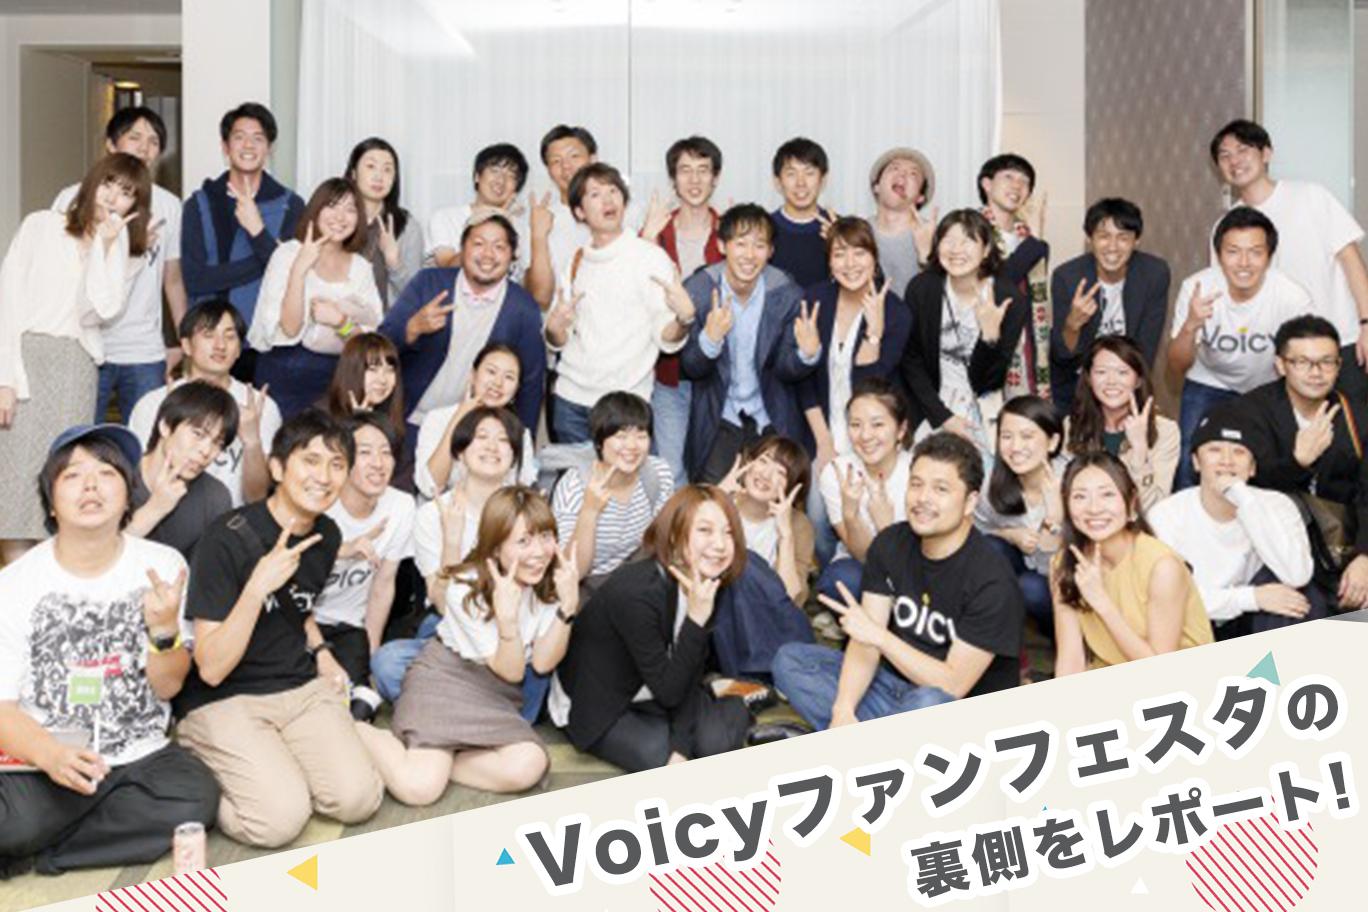 企業がイベントを成功させるために。日本最大級のイベントアプリPeatixにイベントのコツを聞いてきました。